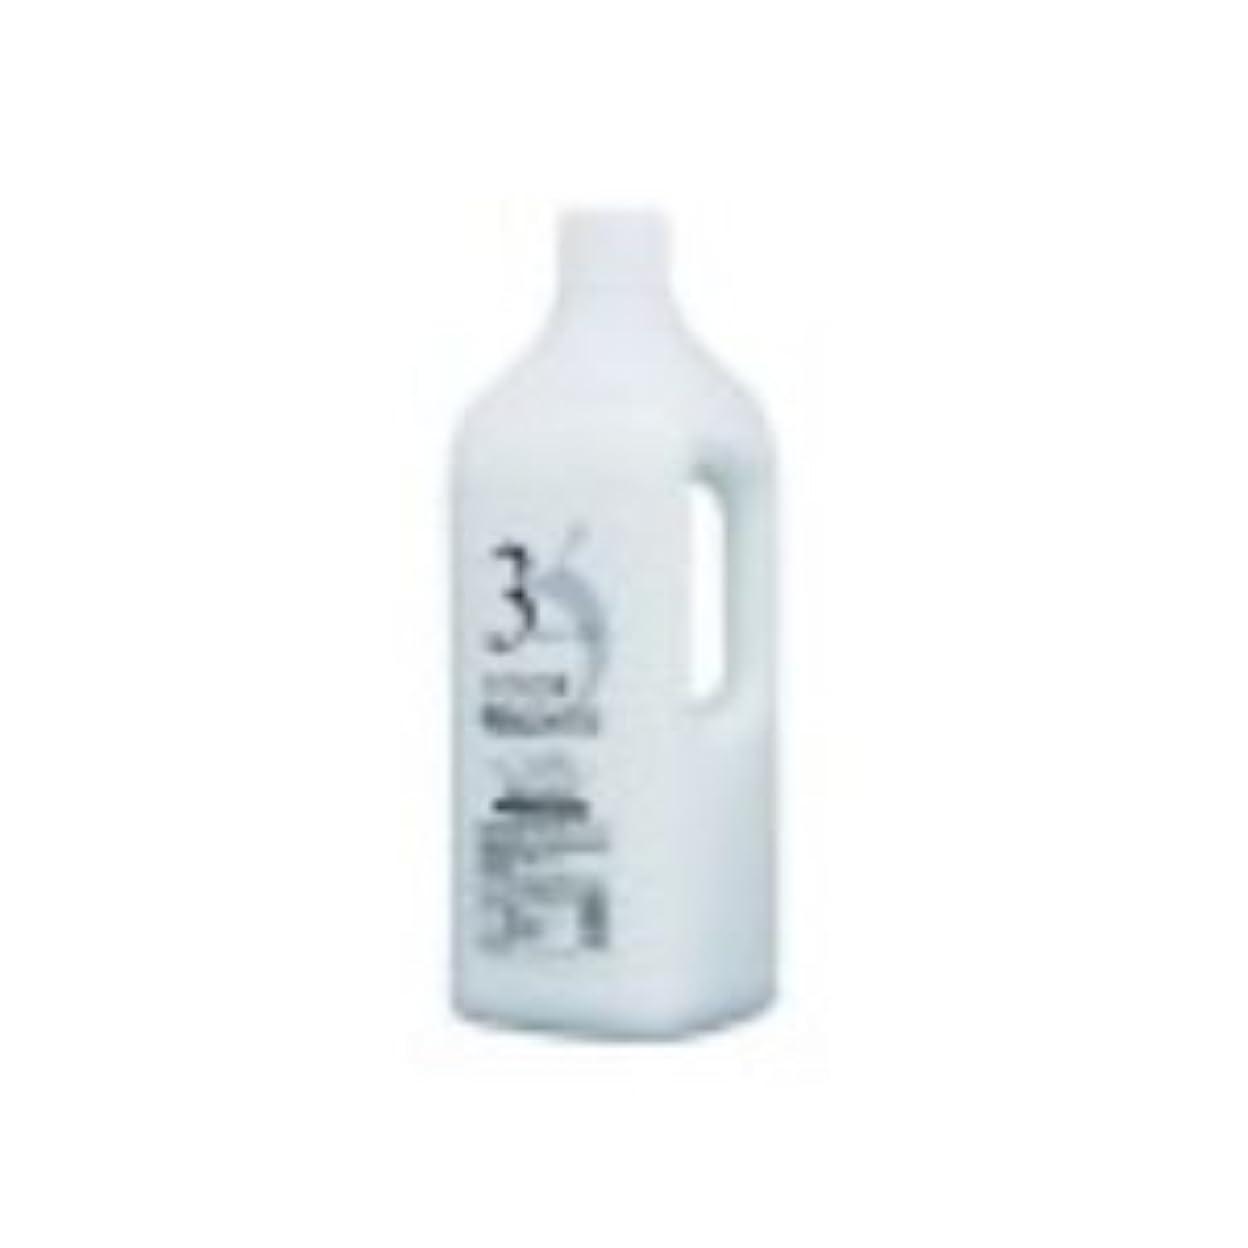 再生可能同行するアメリカメロスコスメティックス ヘアカラーファンデーション プロキサイド?ヘアカラー用2剤 3% 2000ml